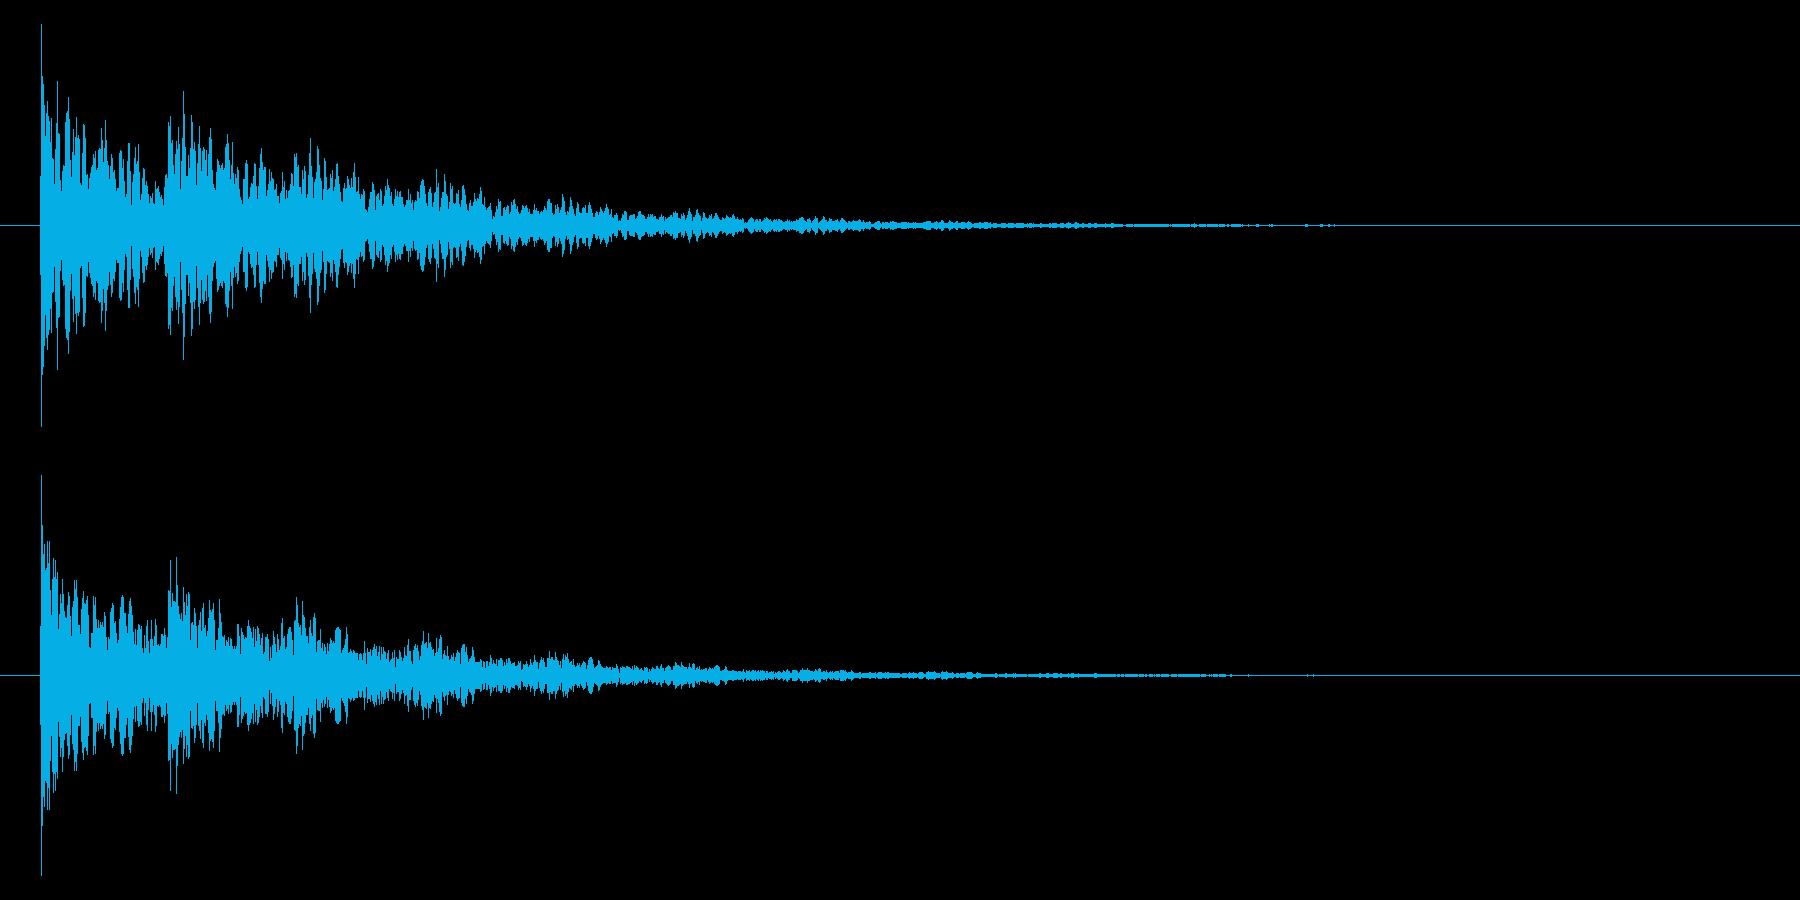 【アクセント44-2】の再生済みの波形